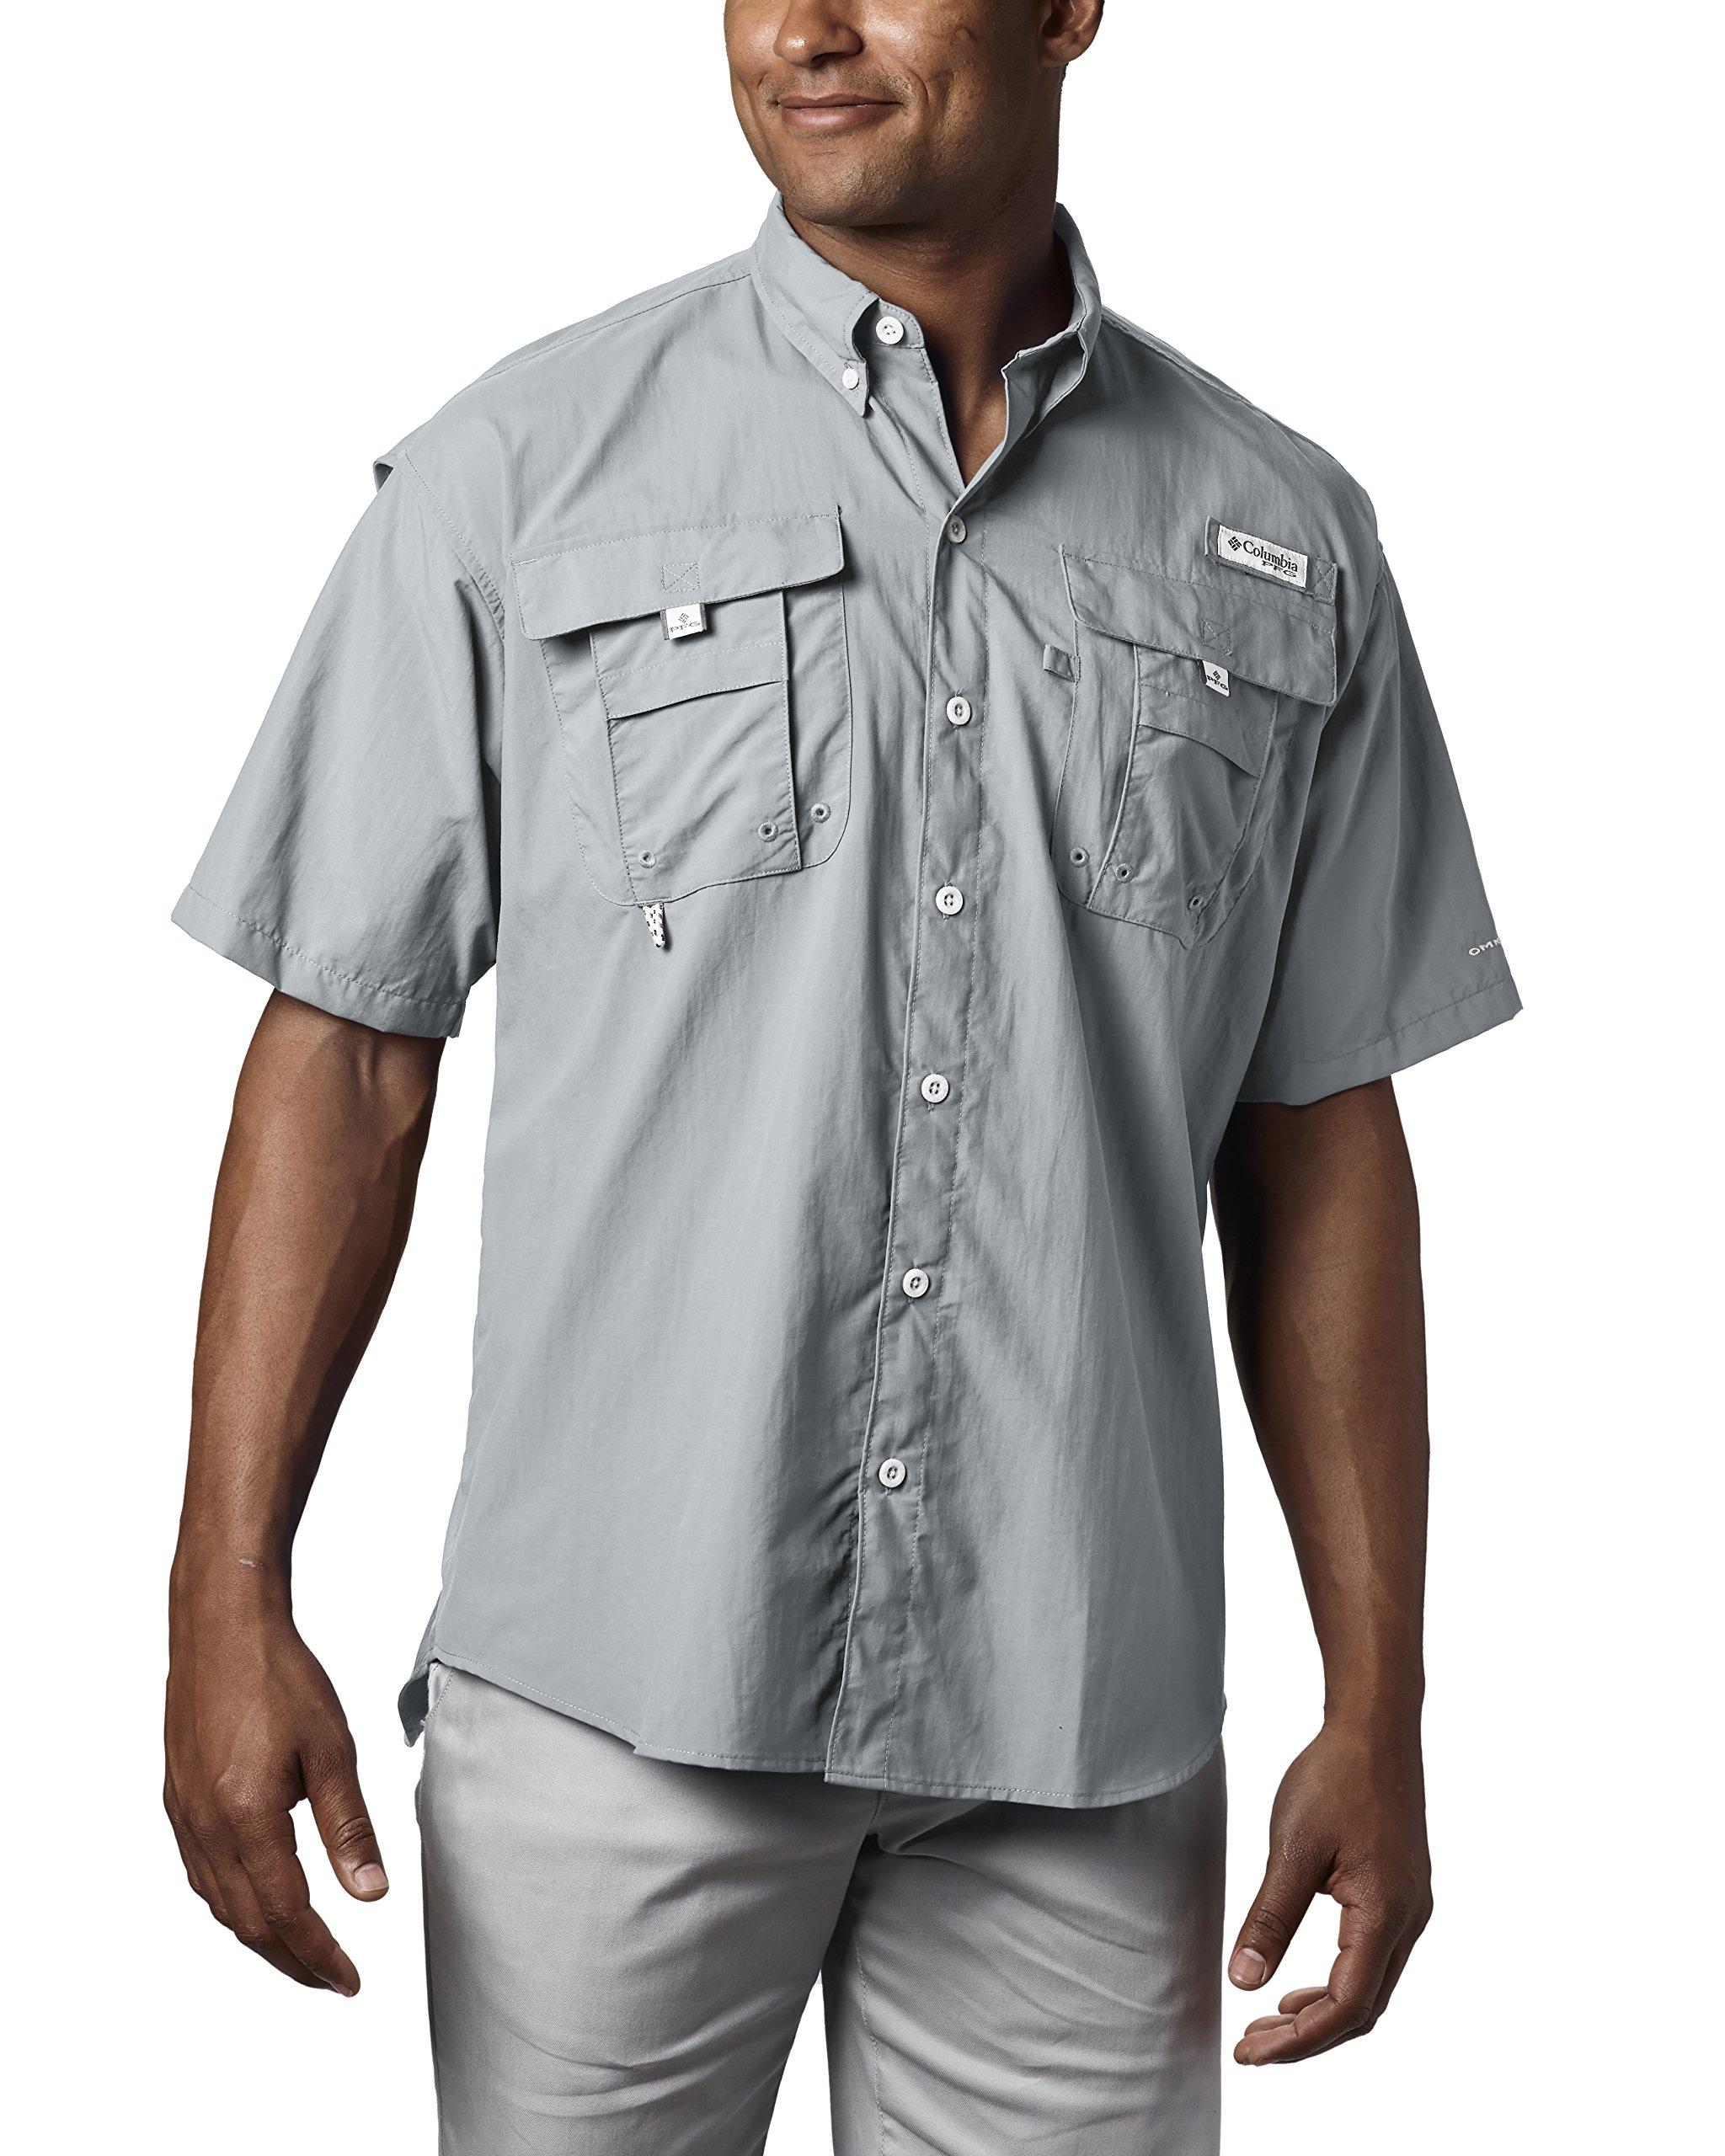 Columbia Men's Bahama II Shorts Sleeve Shirt, Cool Grey, Medium